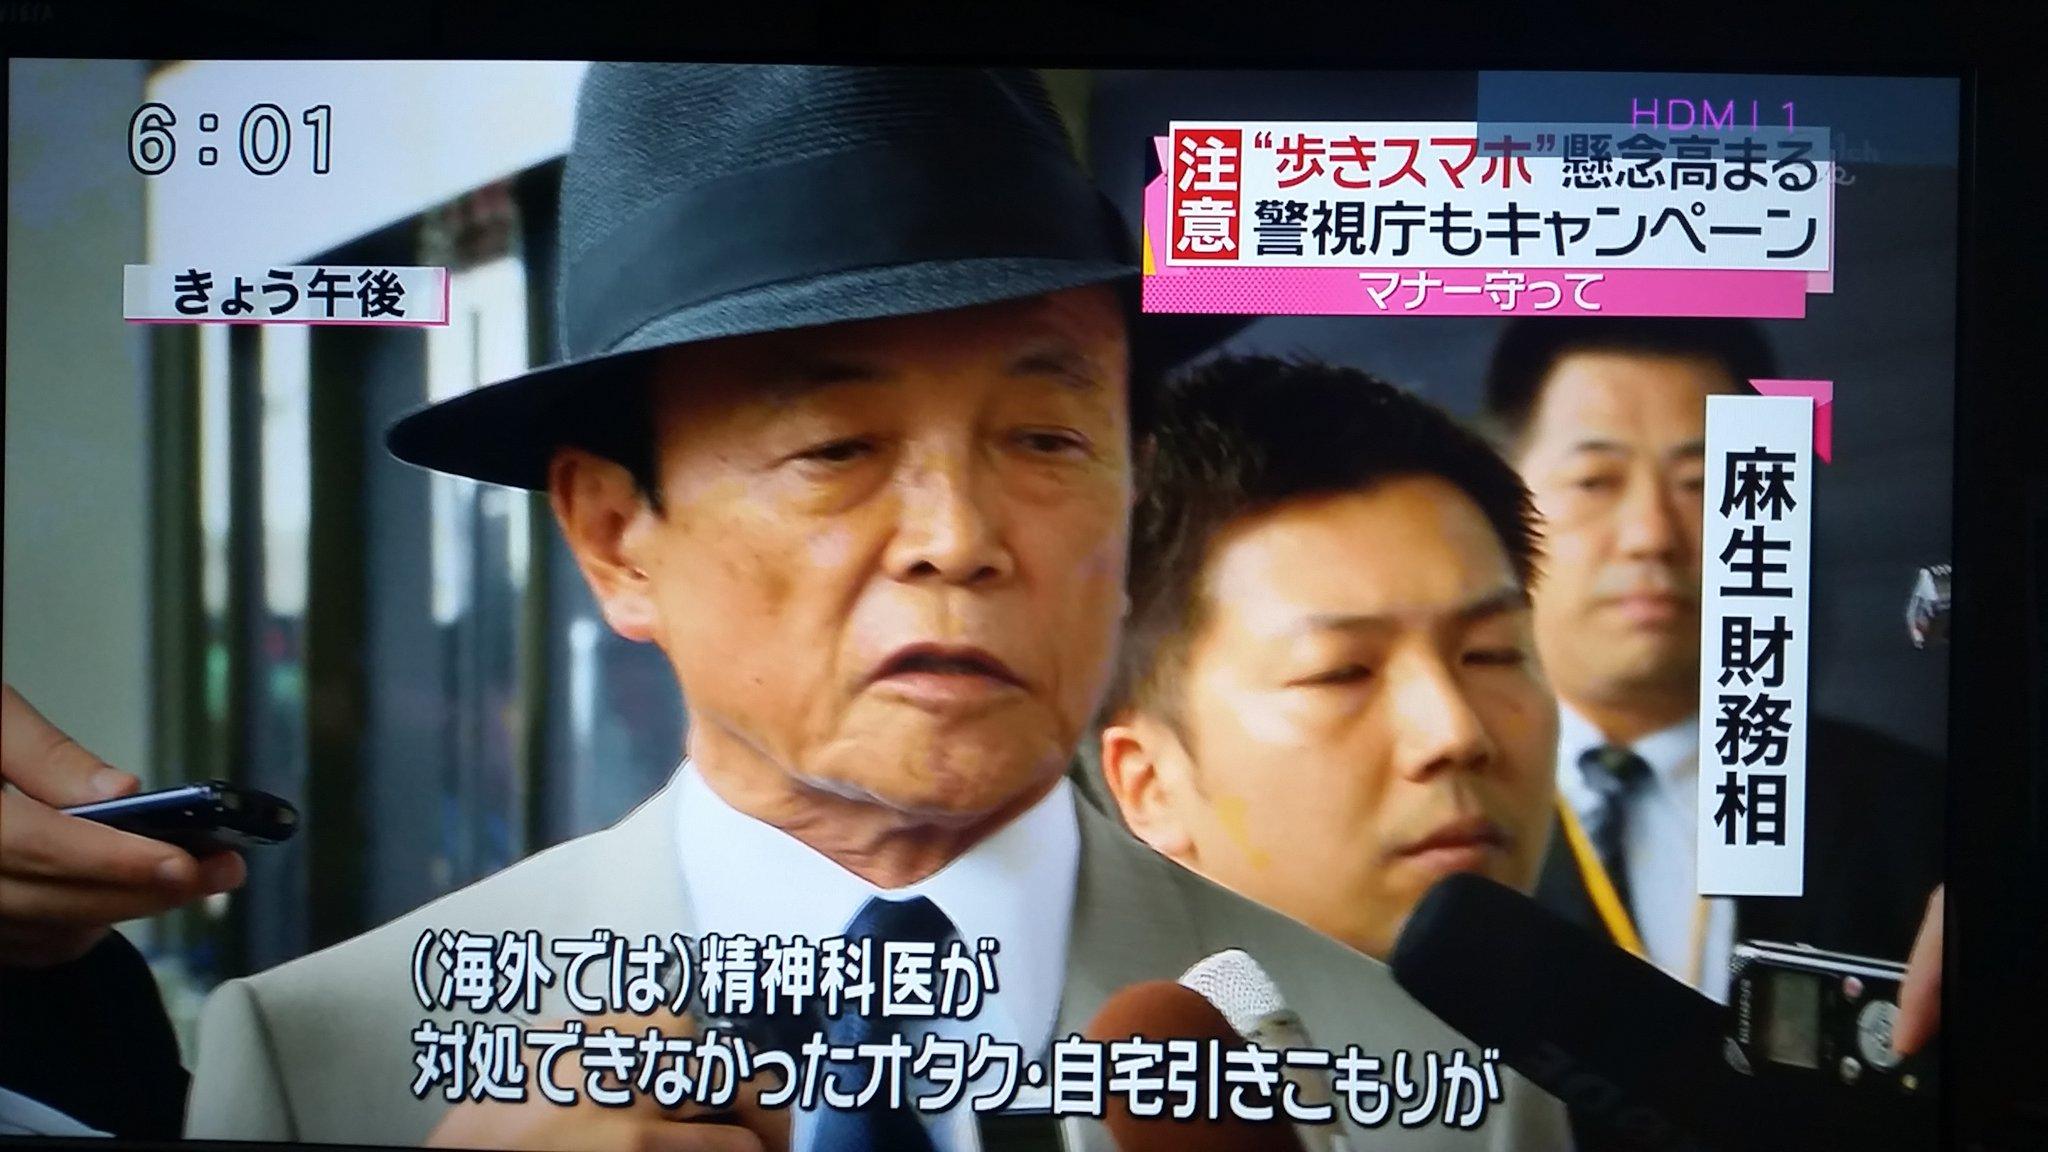 麻生太郎「ポケモンGOのおかげでオタク引きこもりが外に出るようになった、精神科医より有能」